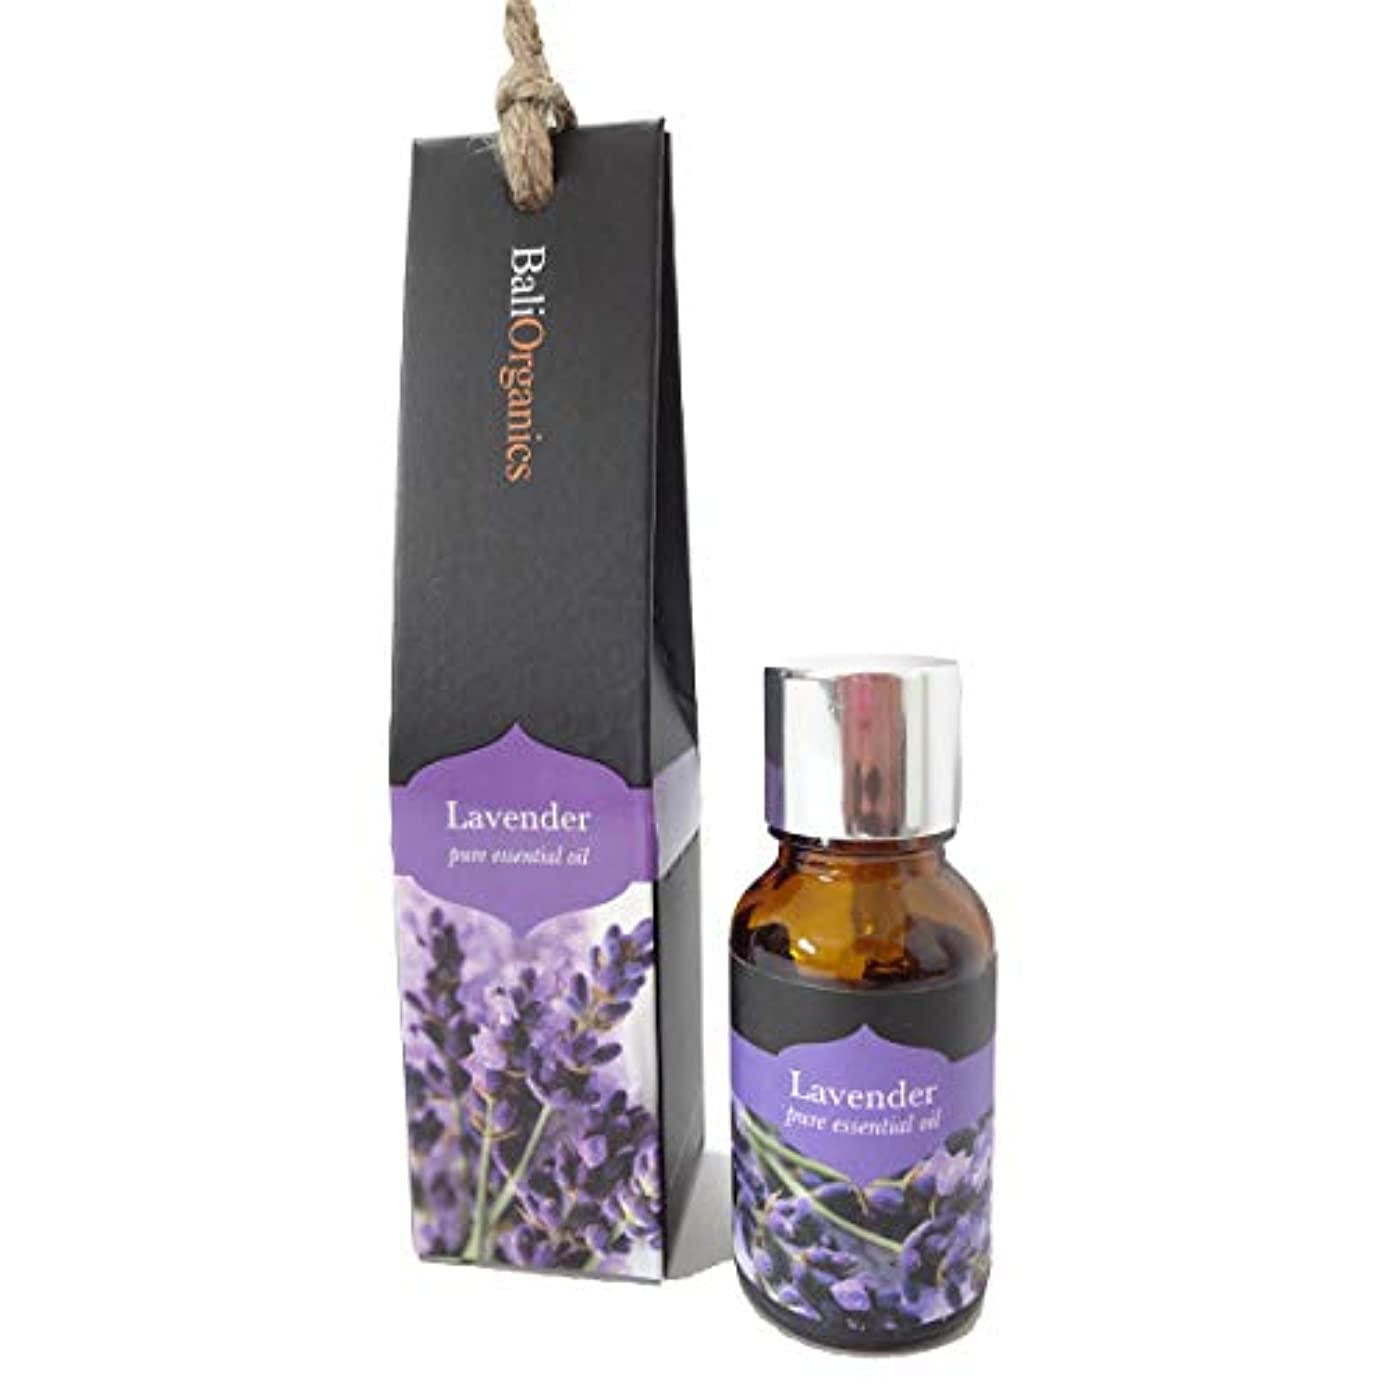 効率食料品店下手Bali Organics バリオーガニック アロマ エッセンシャルオイル Lavender ラベンダー 15ml